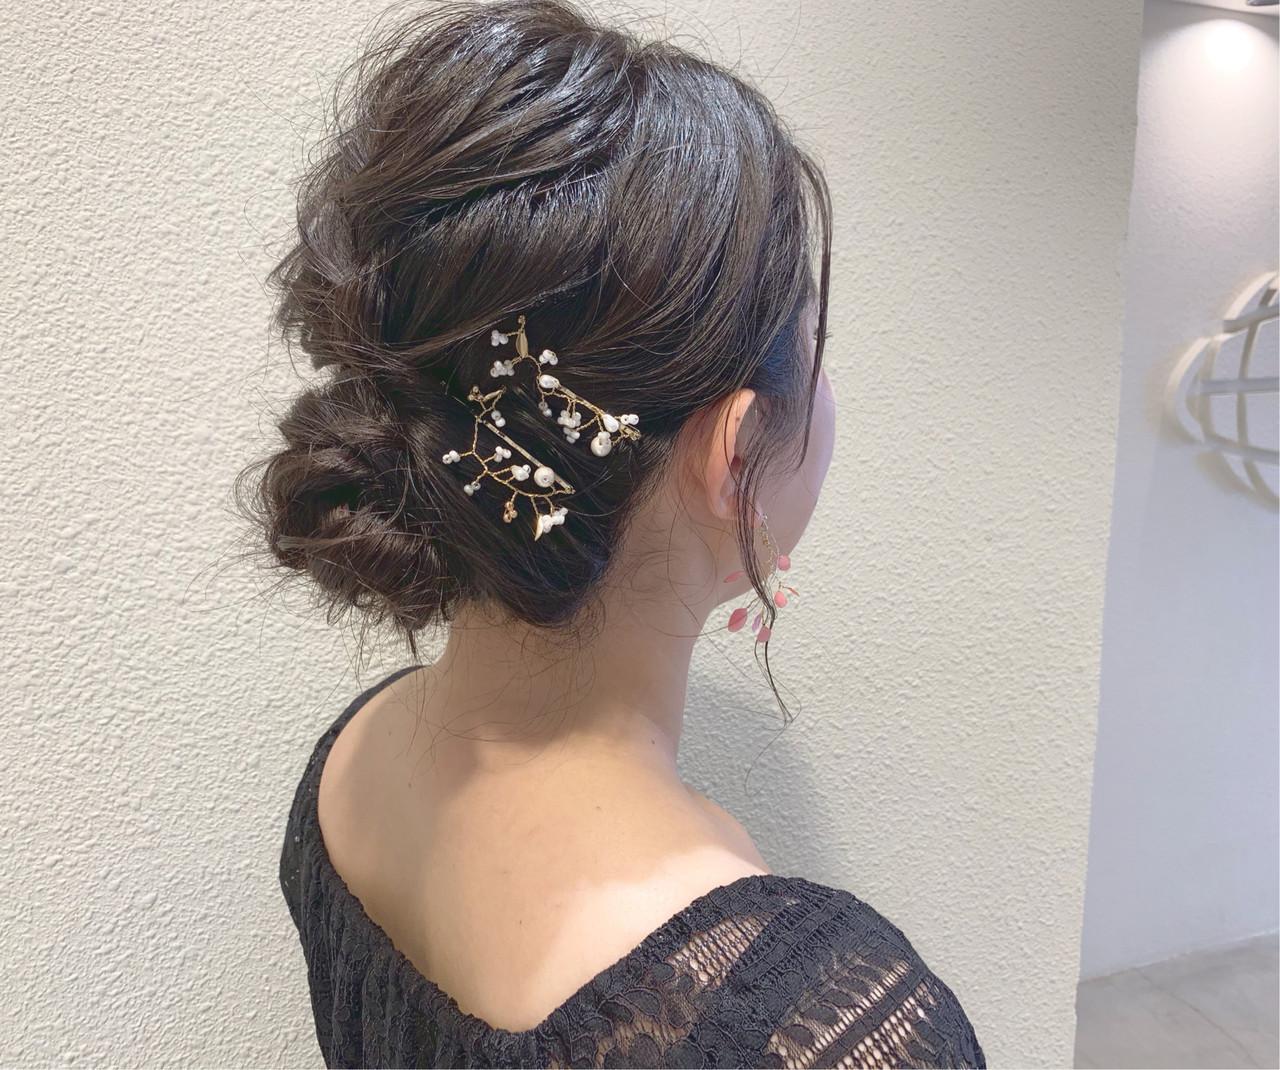 簡単ヘアアレンジ ヘアアレンジ エレガント 結婚式 ヘアスタイルや髪型の写真・画像